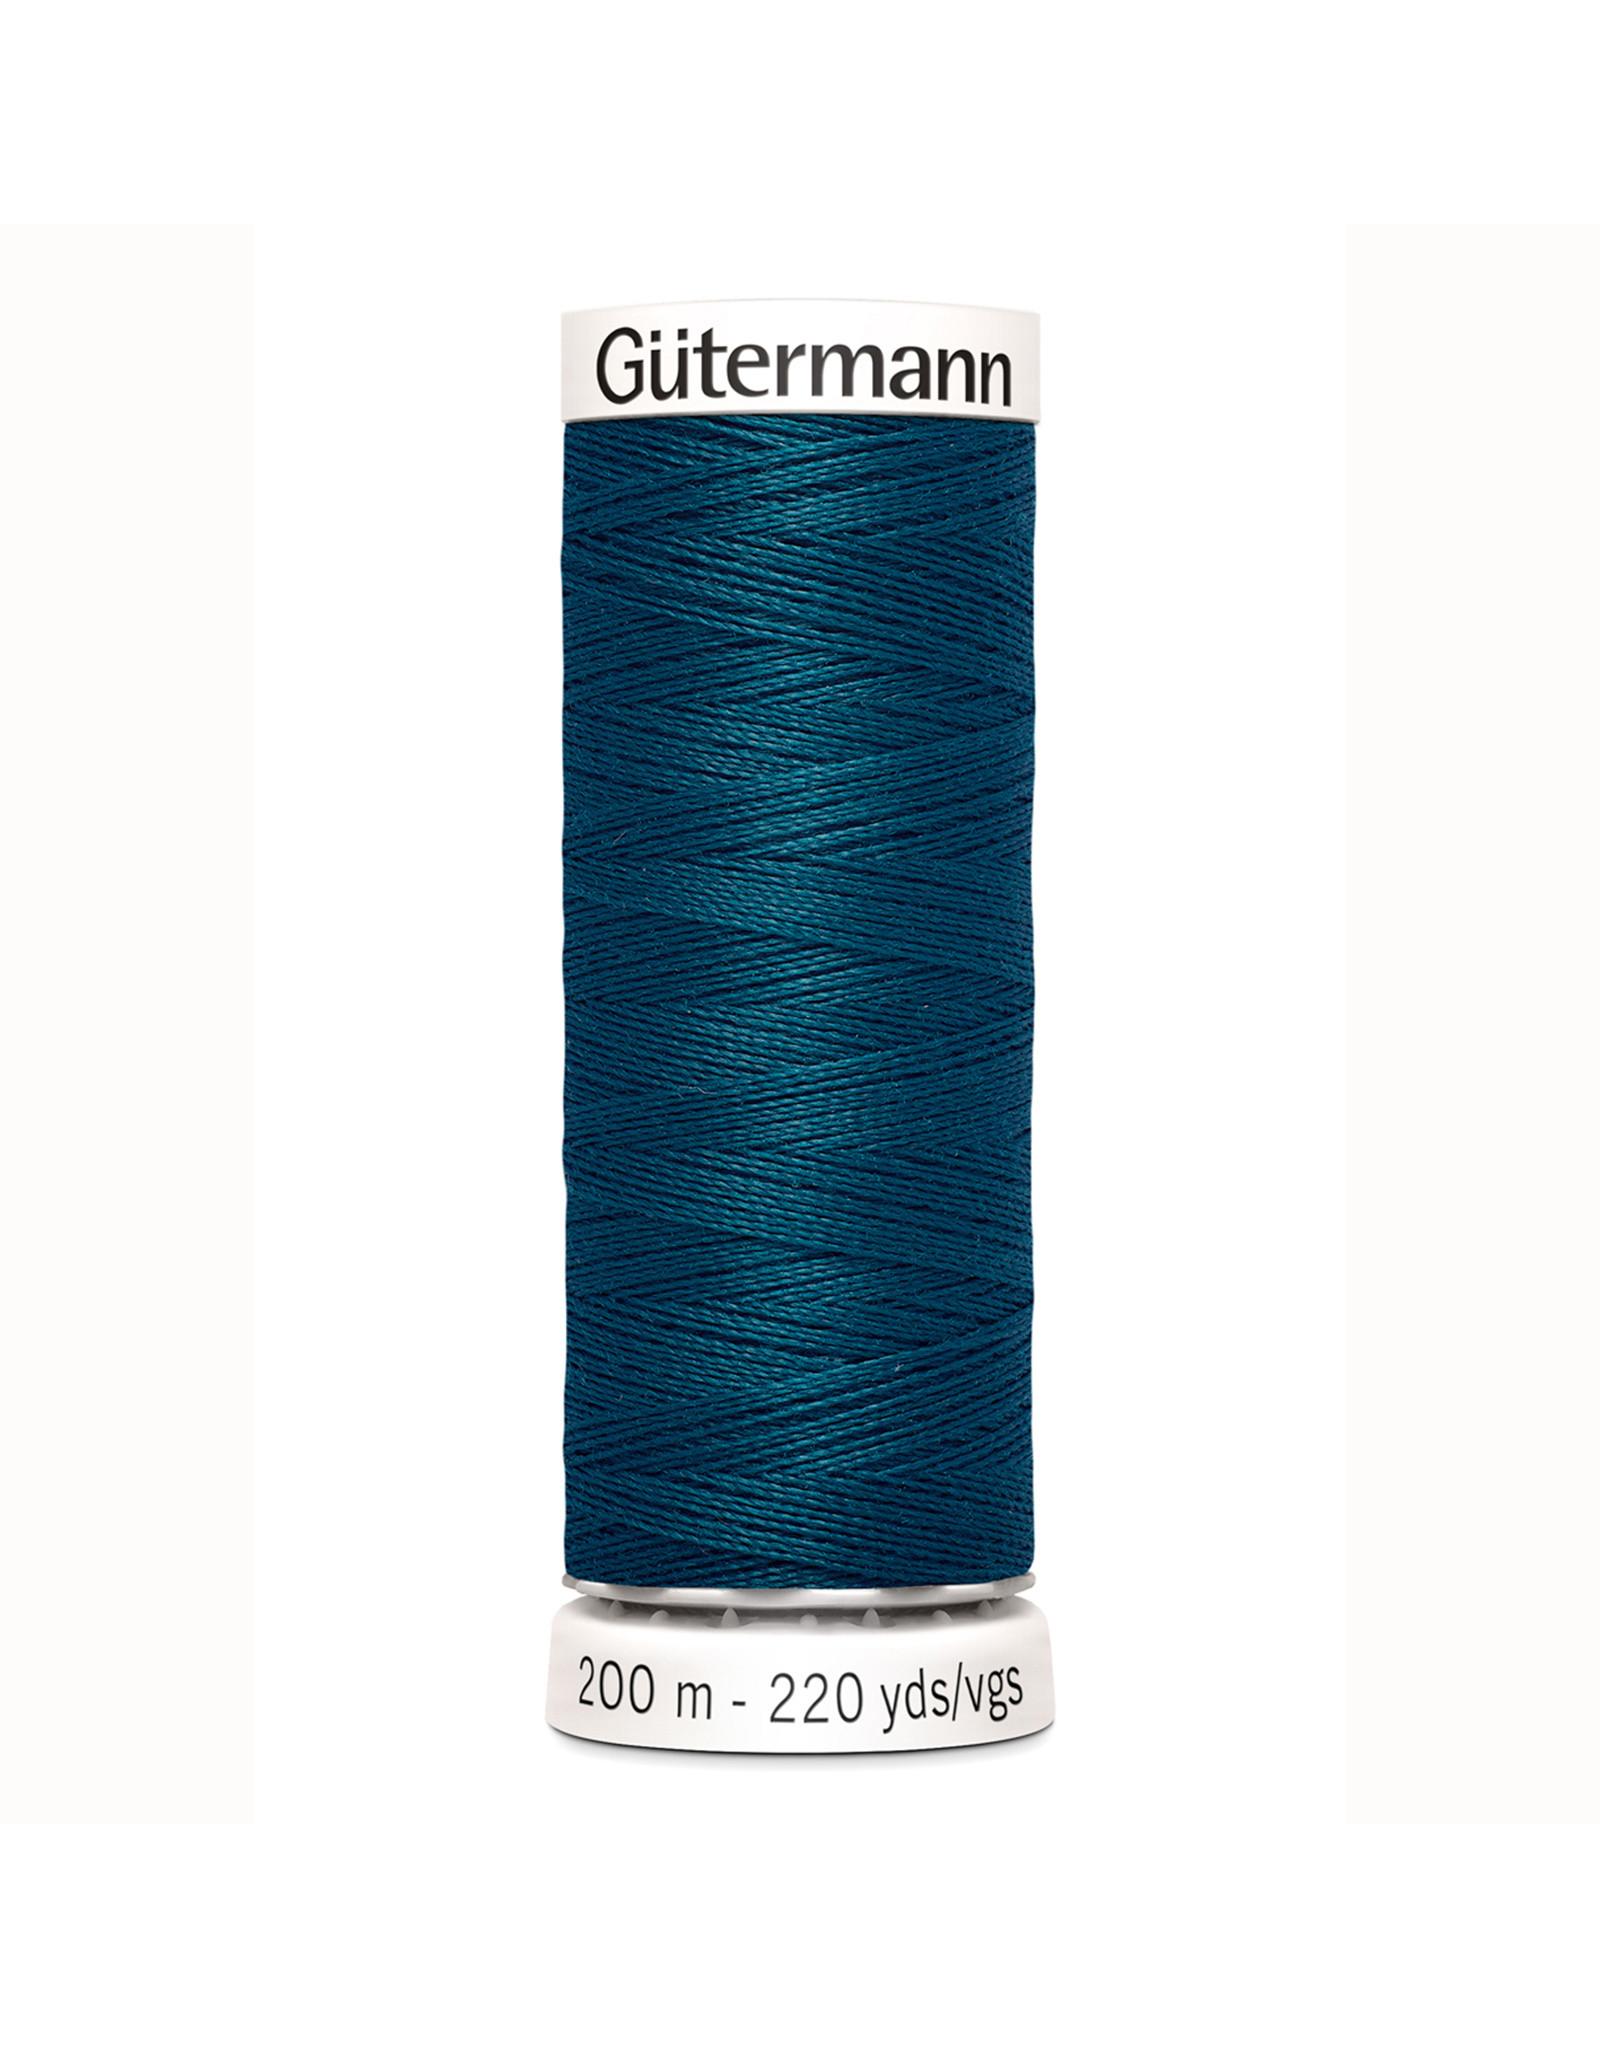 Gütermann Gütermann Nähgarn 200 m - nr 870